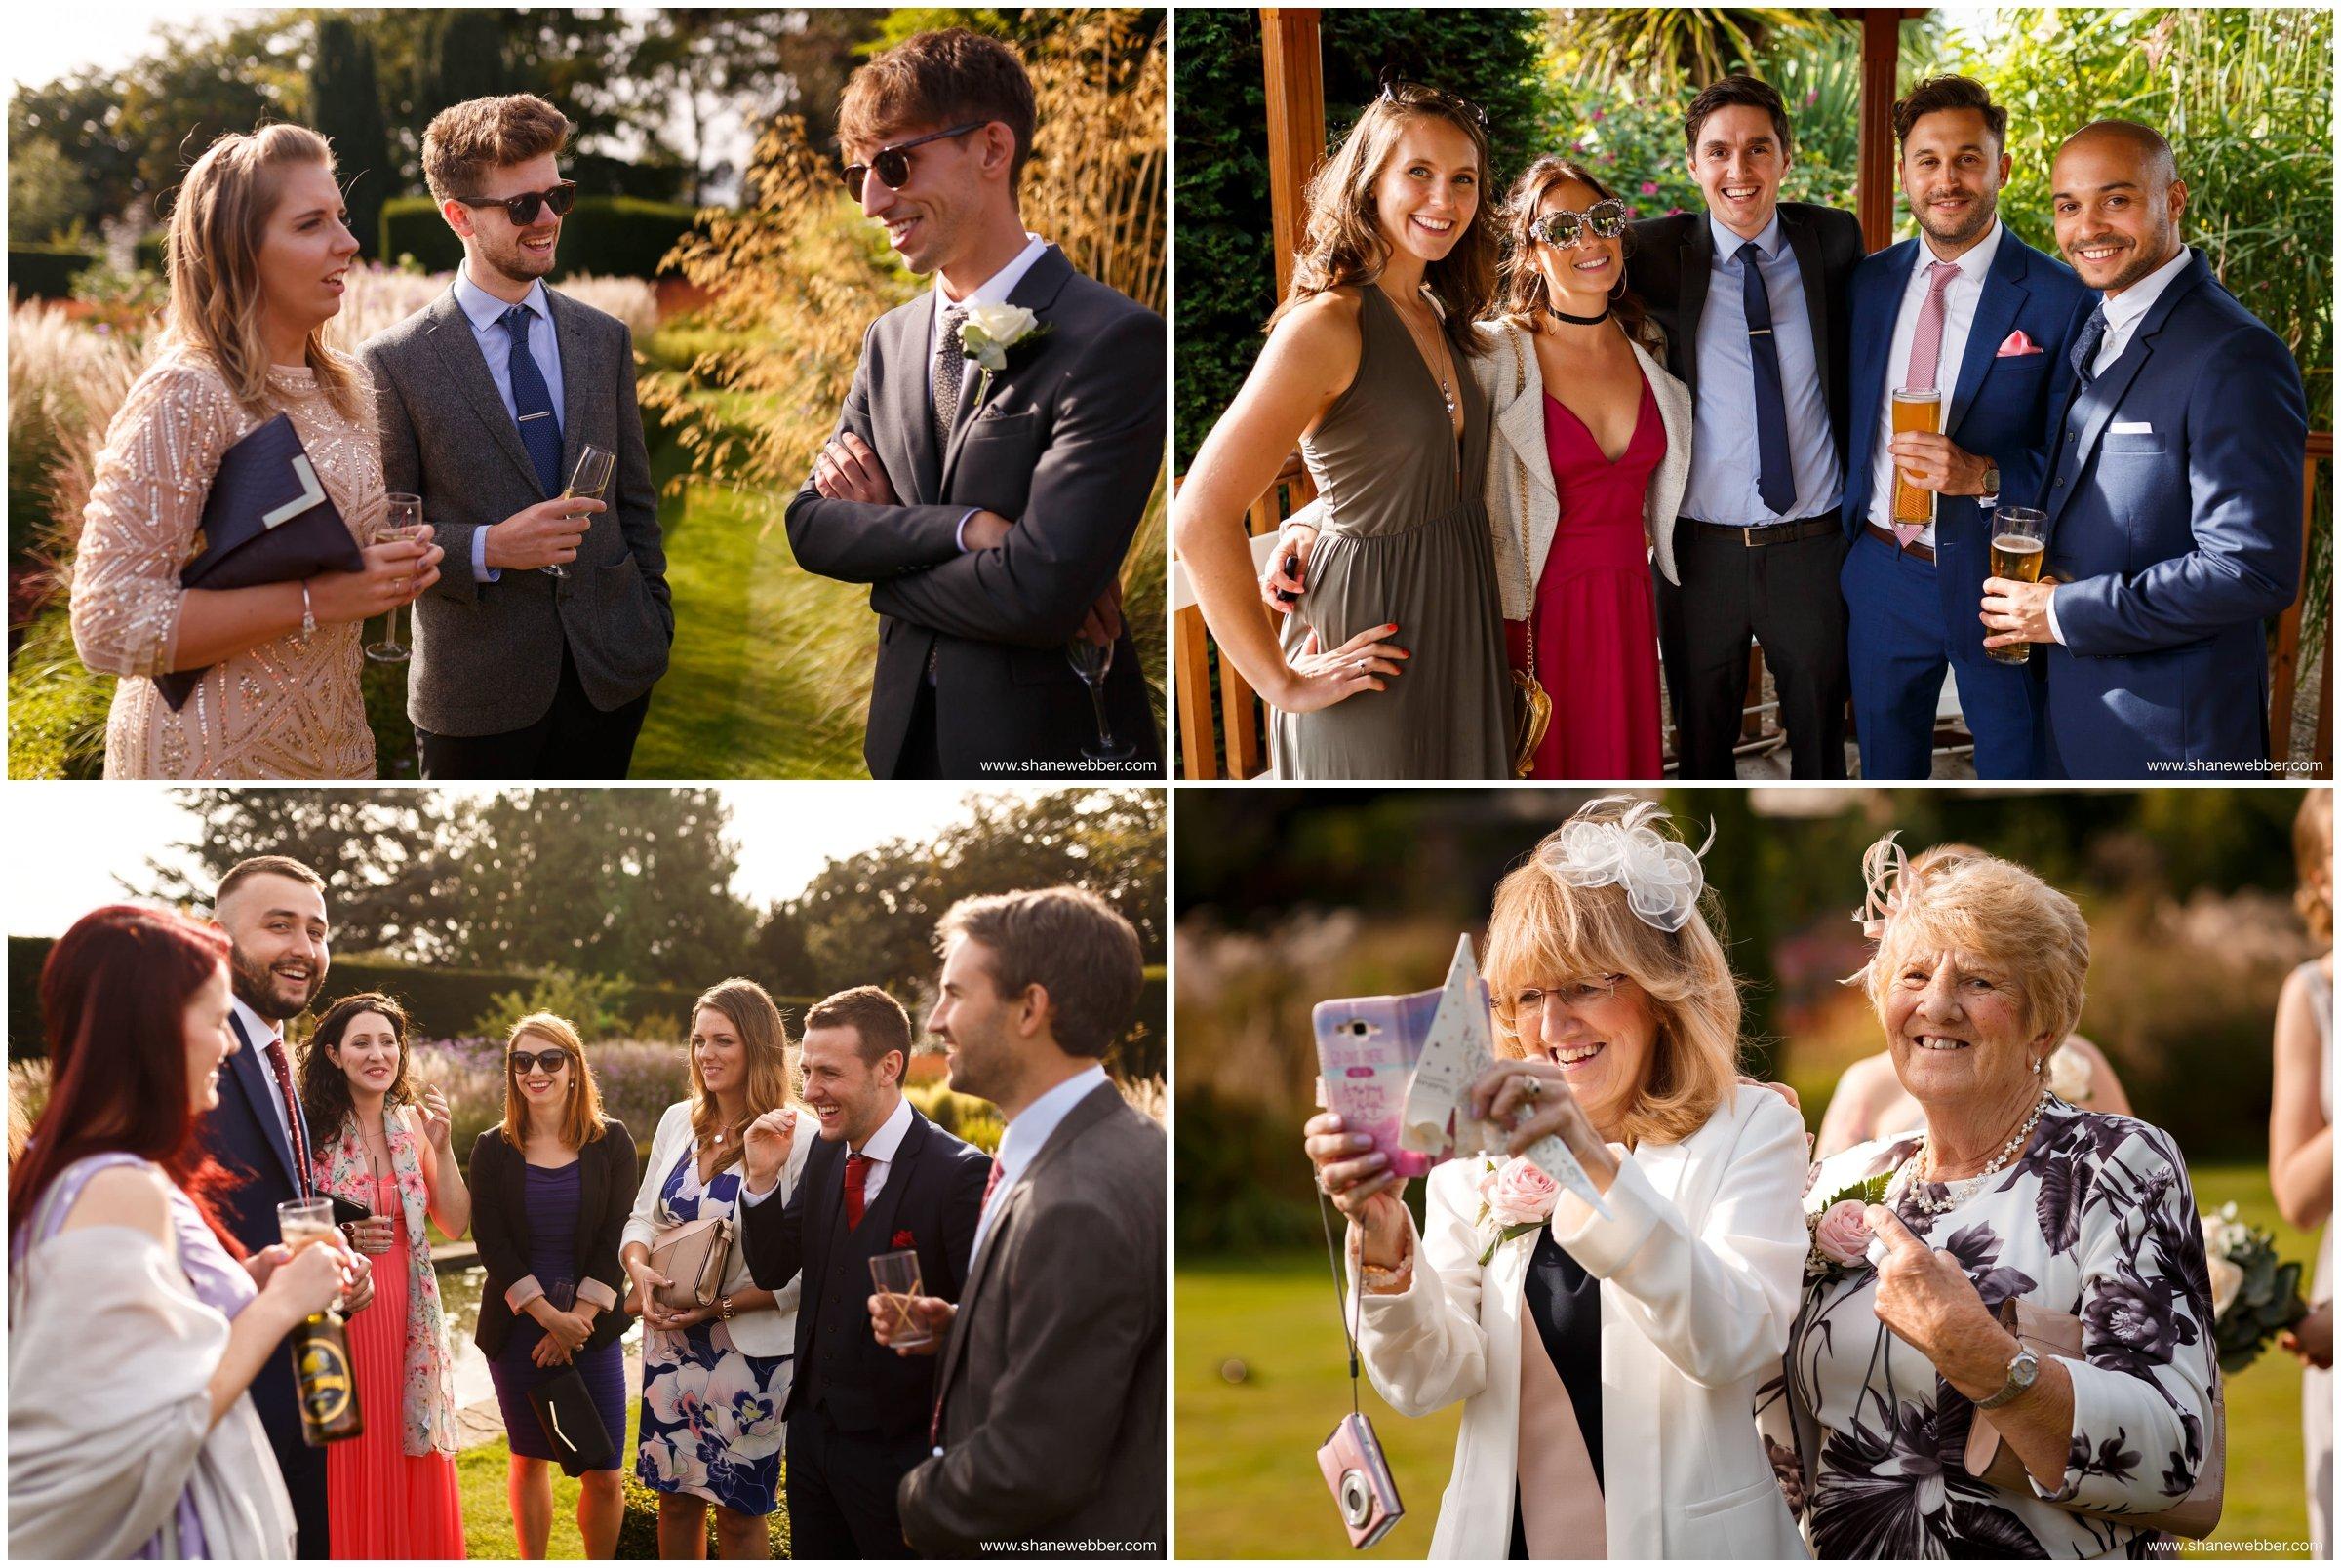 Guests enjoying Abbeywood wedding reception